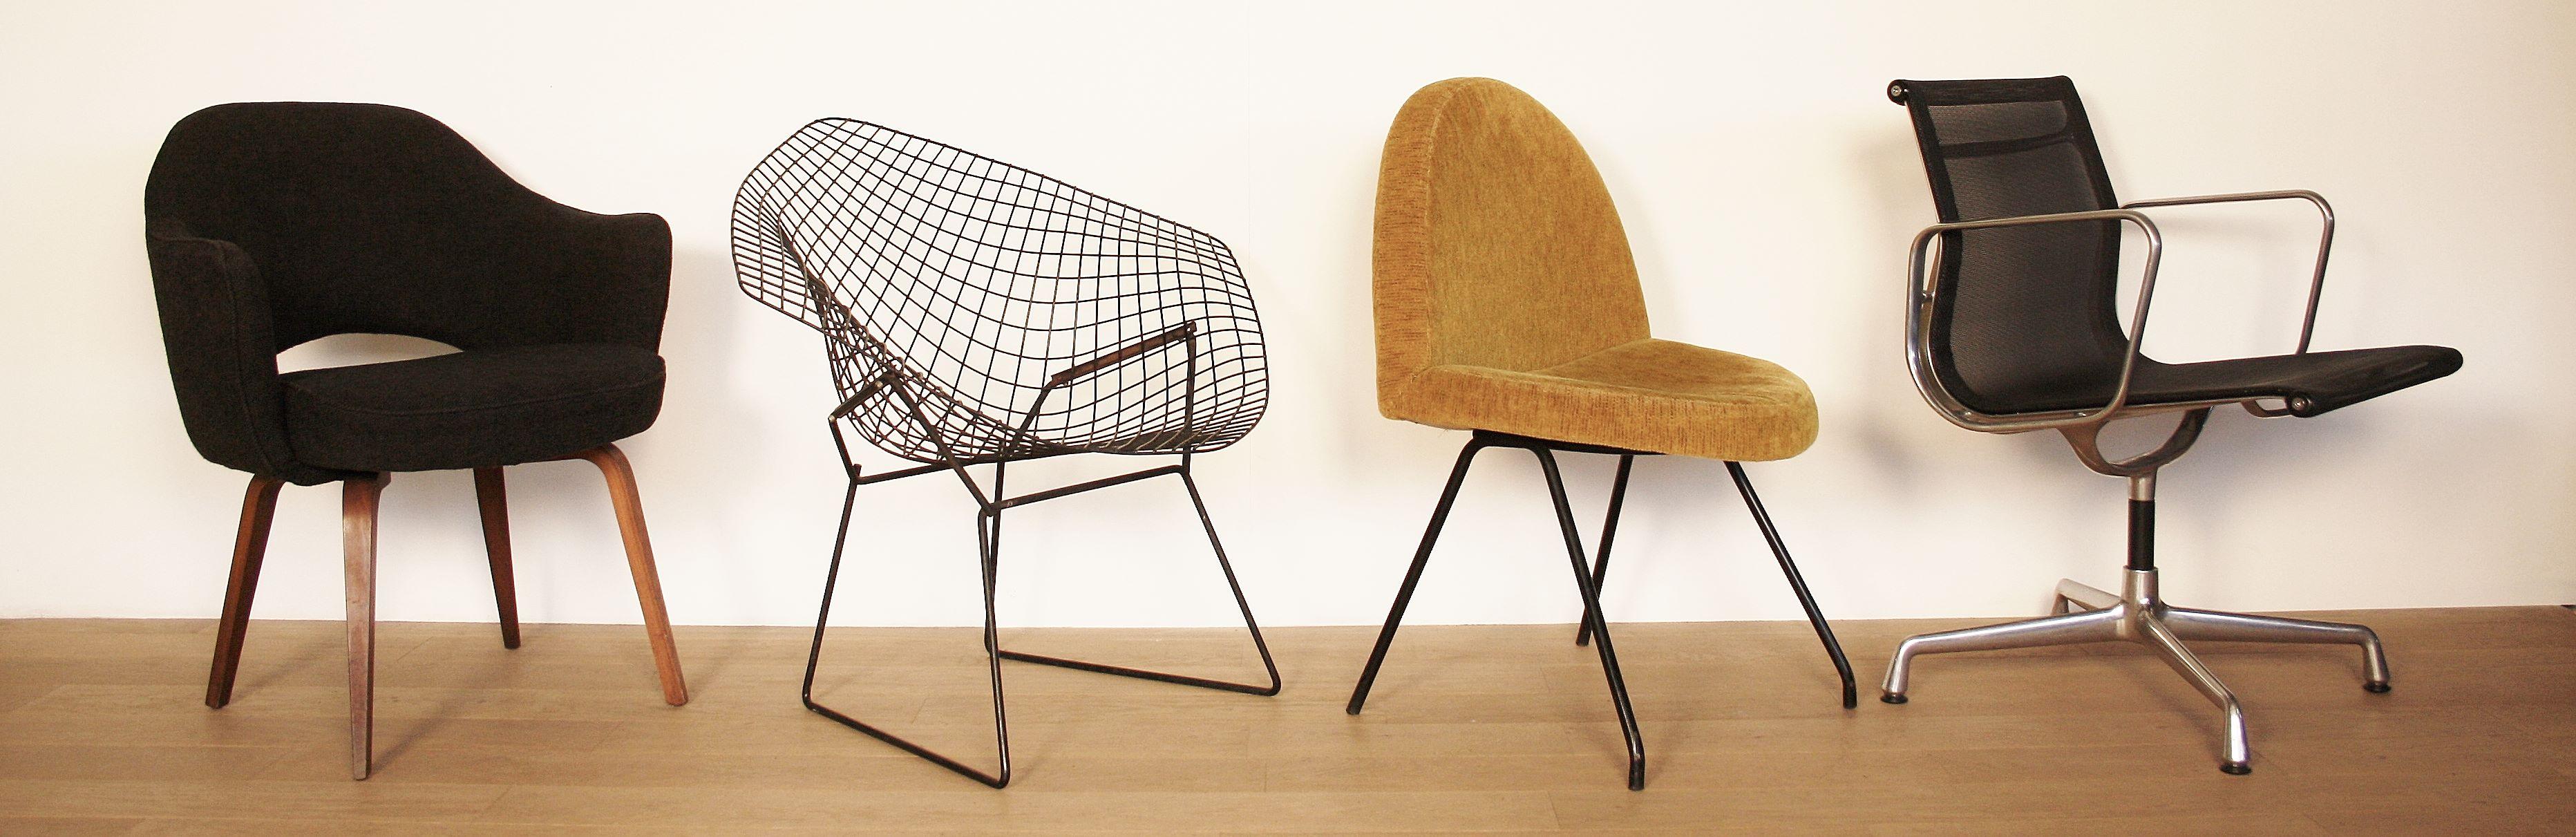 Ma Petite Chaise Nantes maison simone : meubles et objets de décoration tendances et